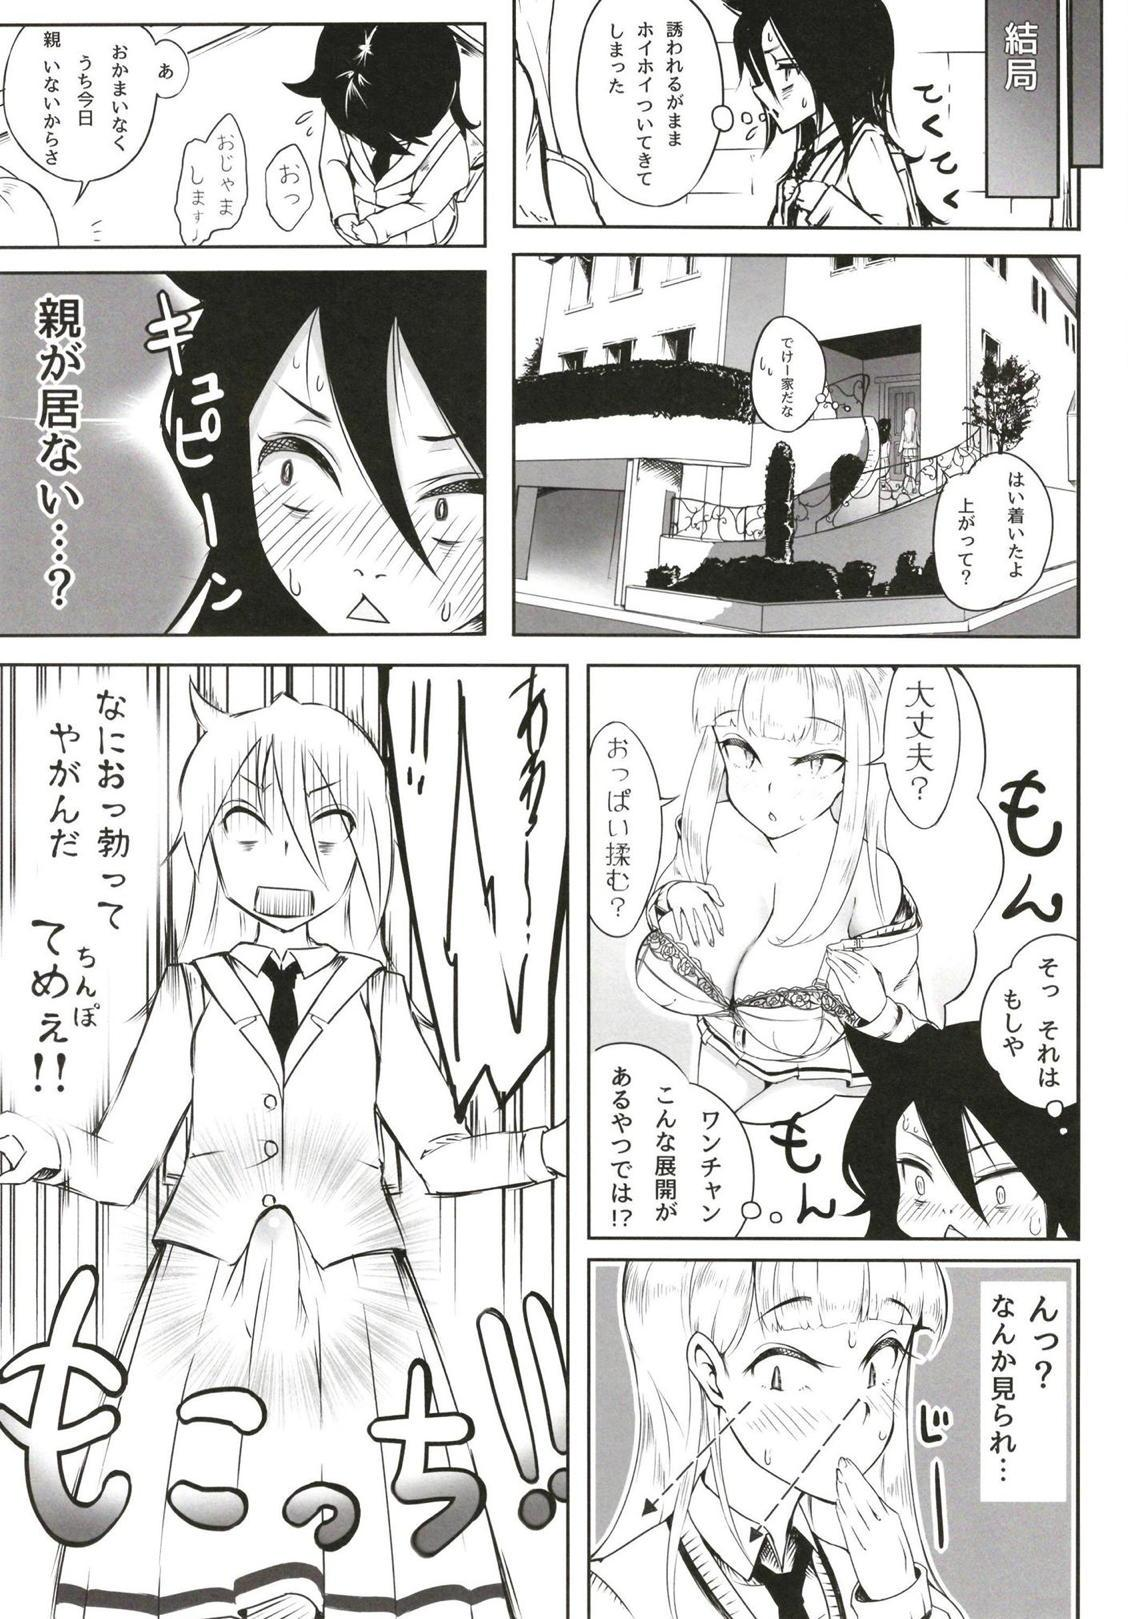 Okaa-san to Issho 5